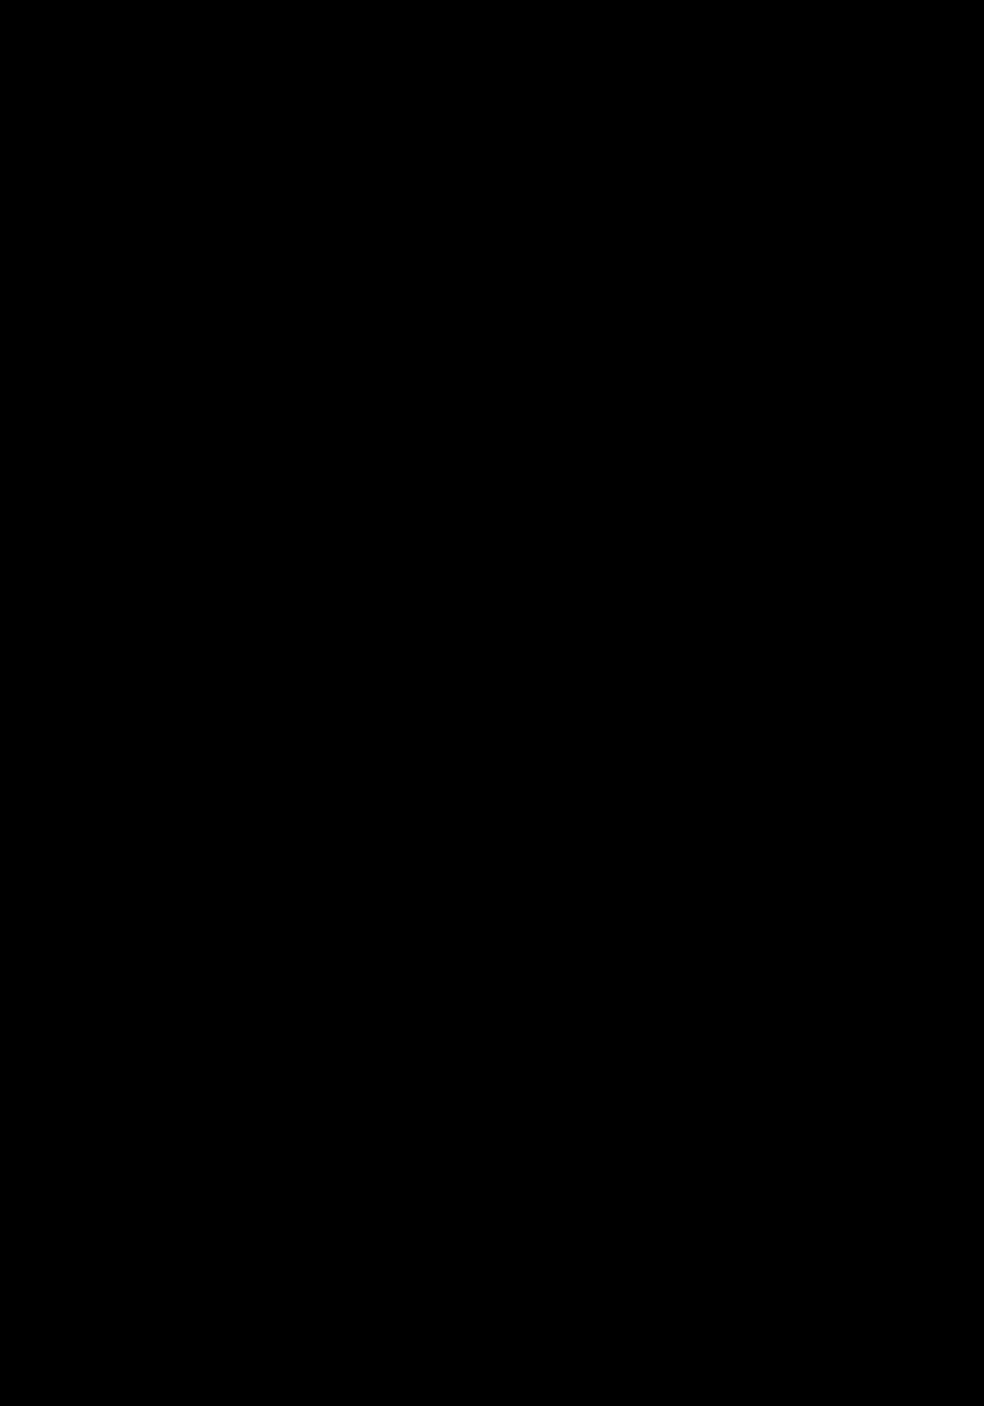 タイポス 37 TY37A 横組見本